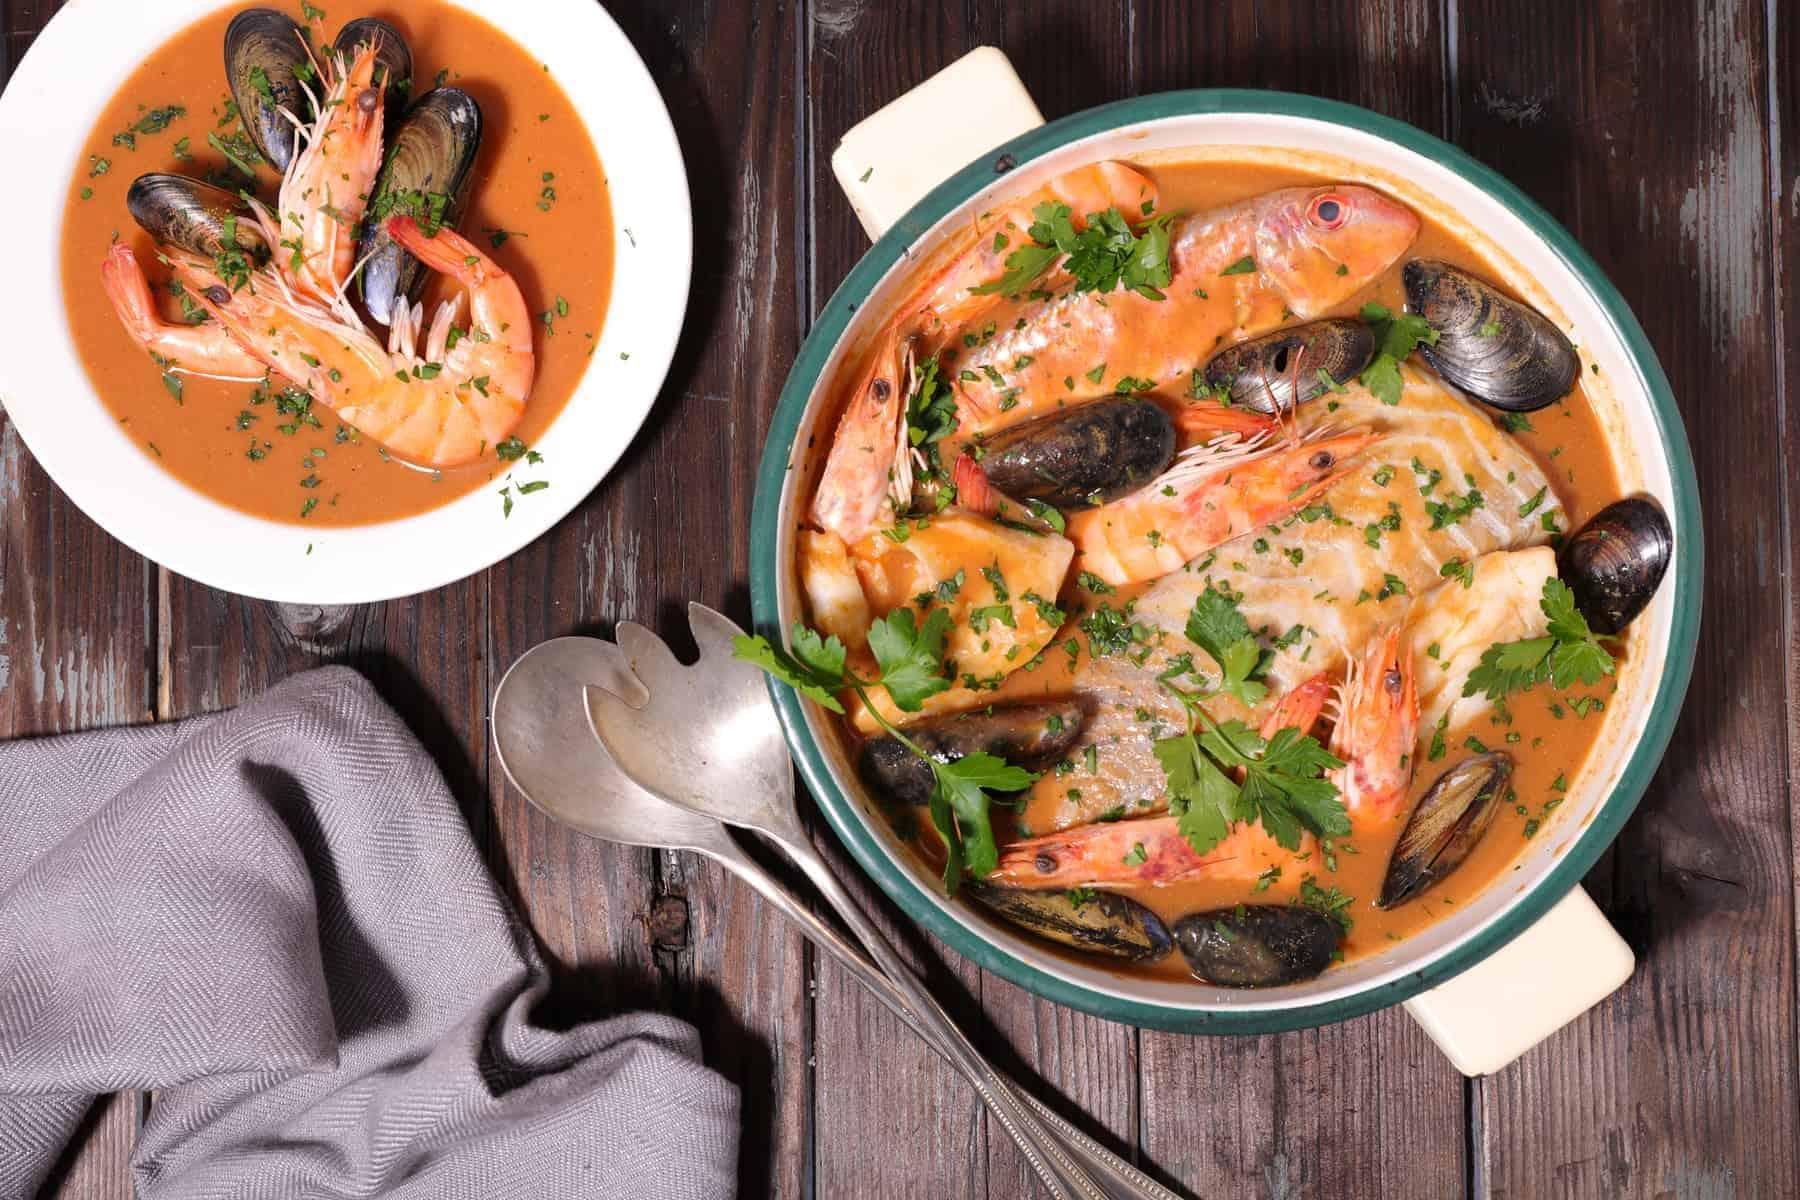 Bouillabaisse, fransk mad fra havet og en signatur fiskesuppe fra Sydfrankrig, der får englene til at synge og hvid-eller rosévinen til at flyde i et dejligt selskab